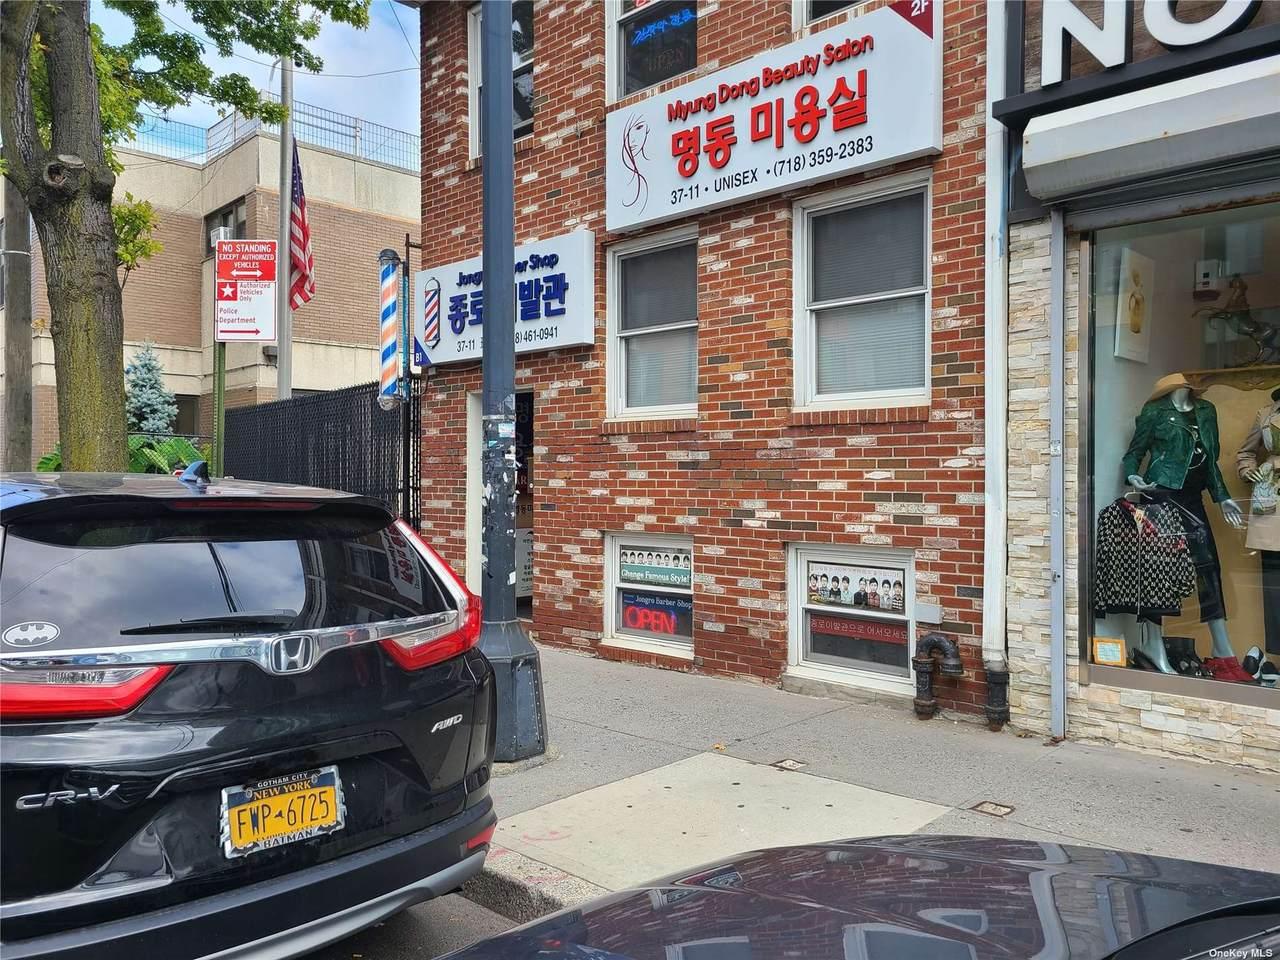 37-11 Union St - Photo 1